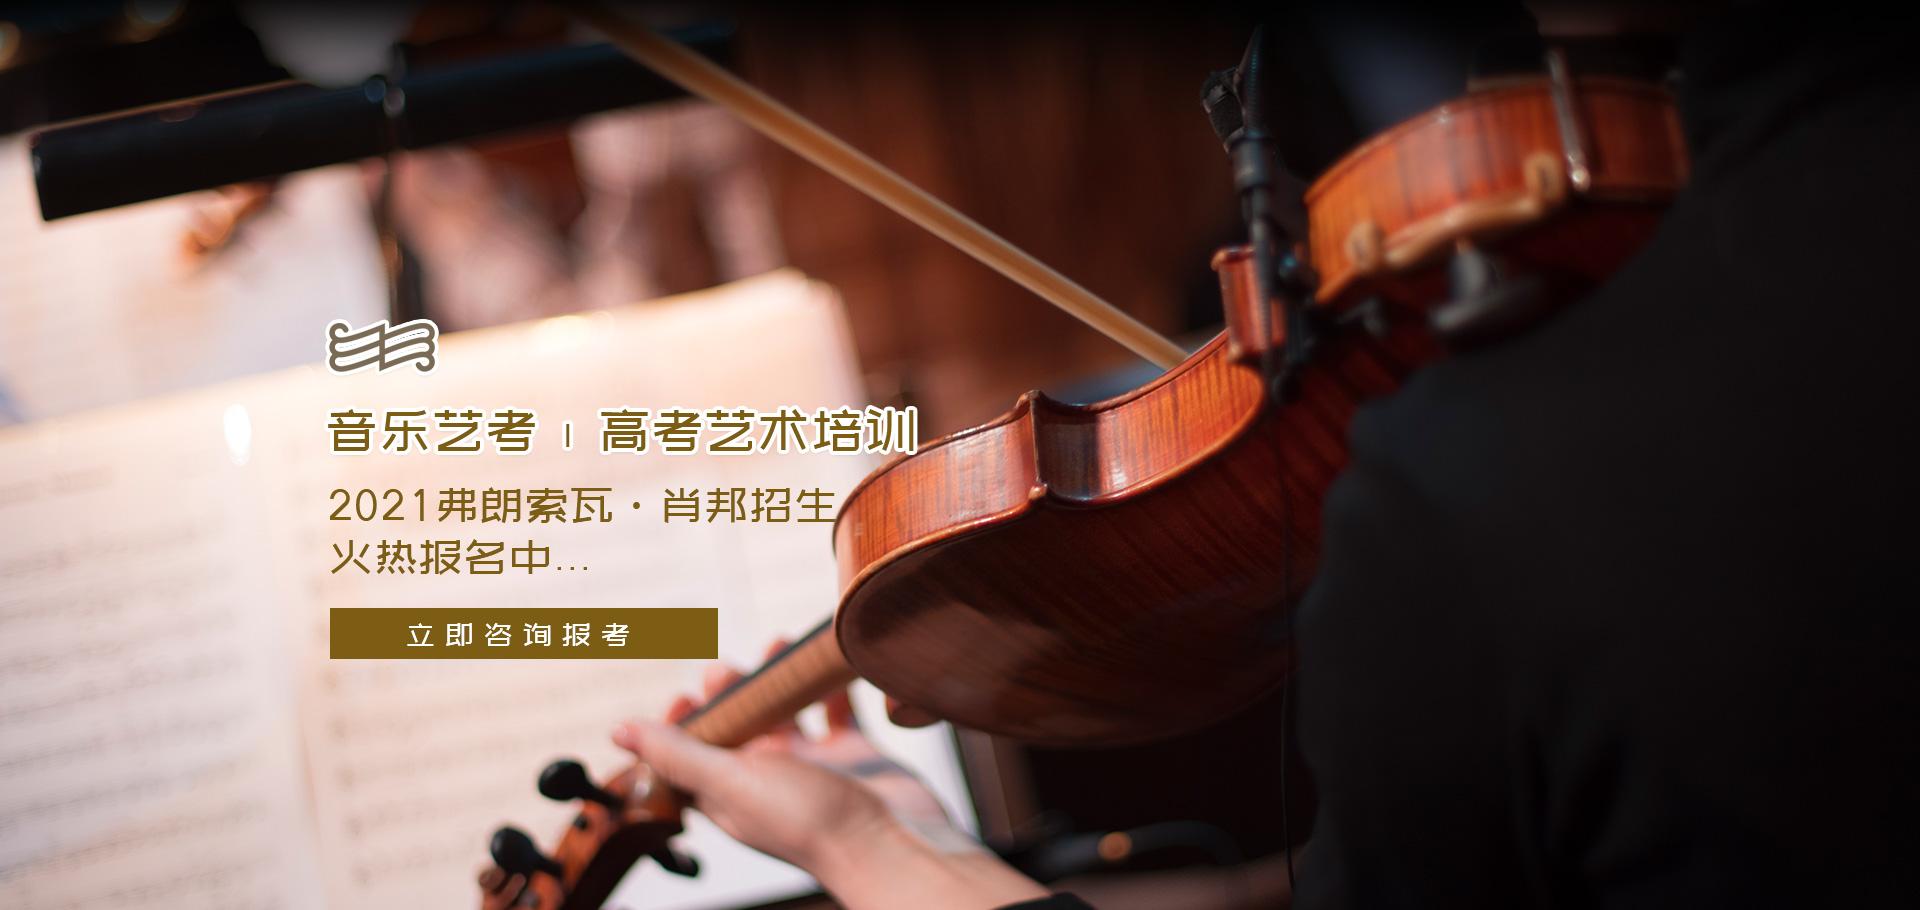 关于音乐专业的考试,艺考生有什么好的方法呢?